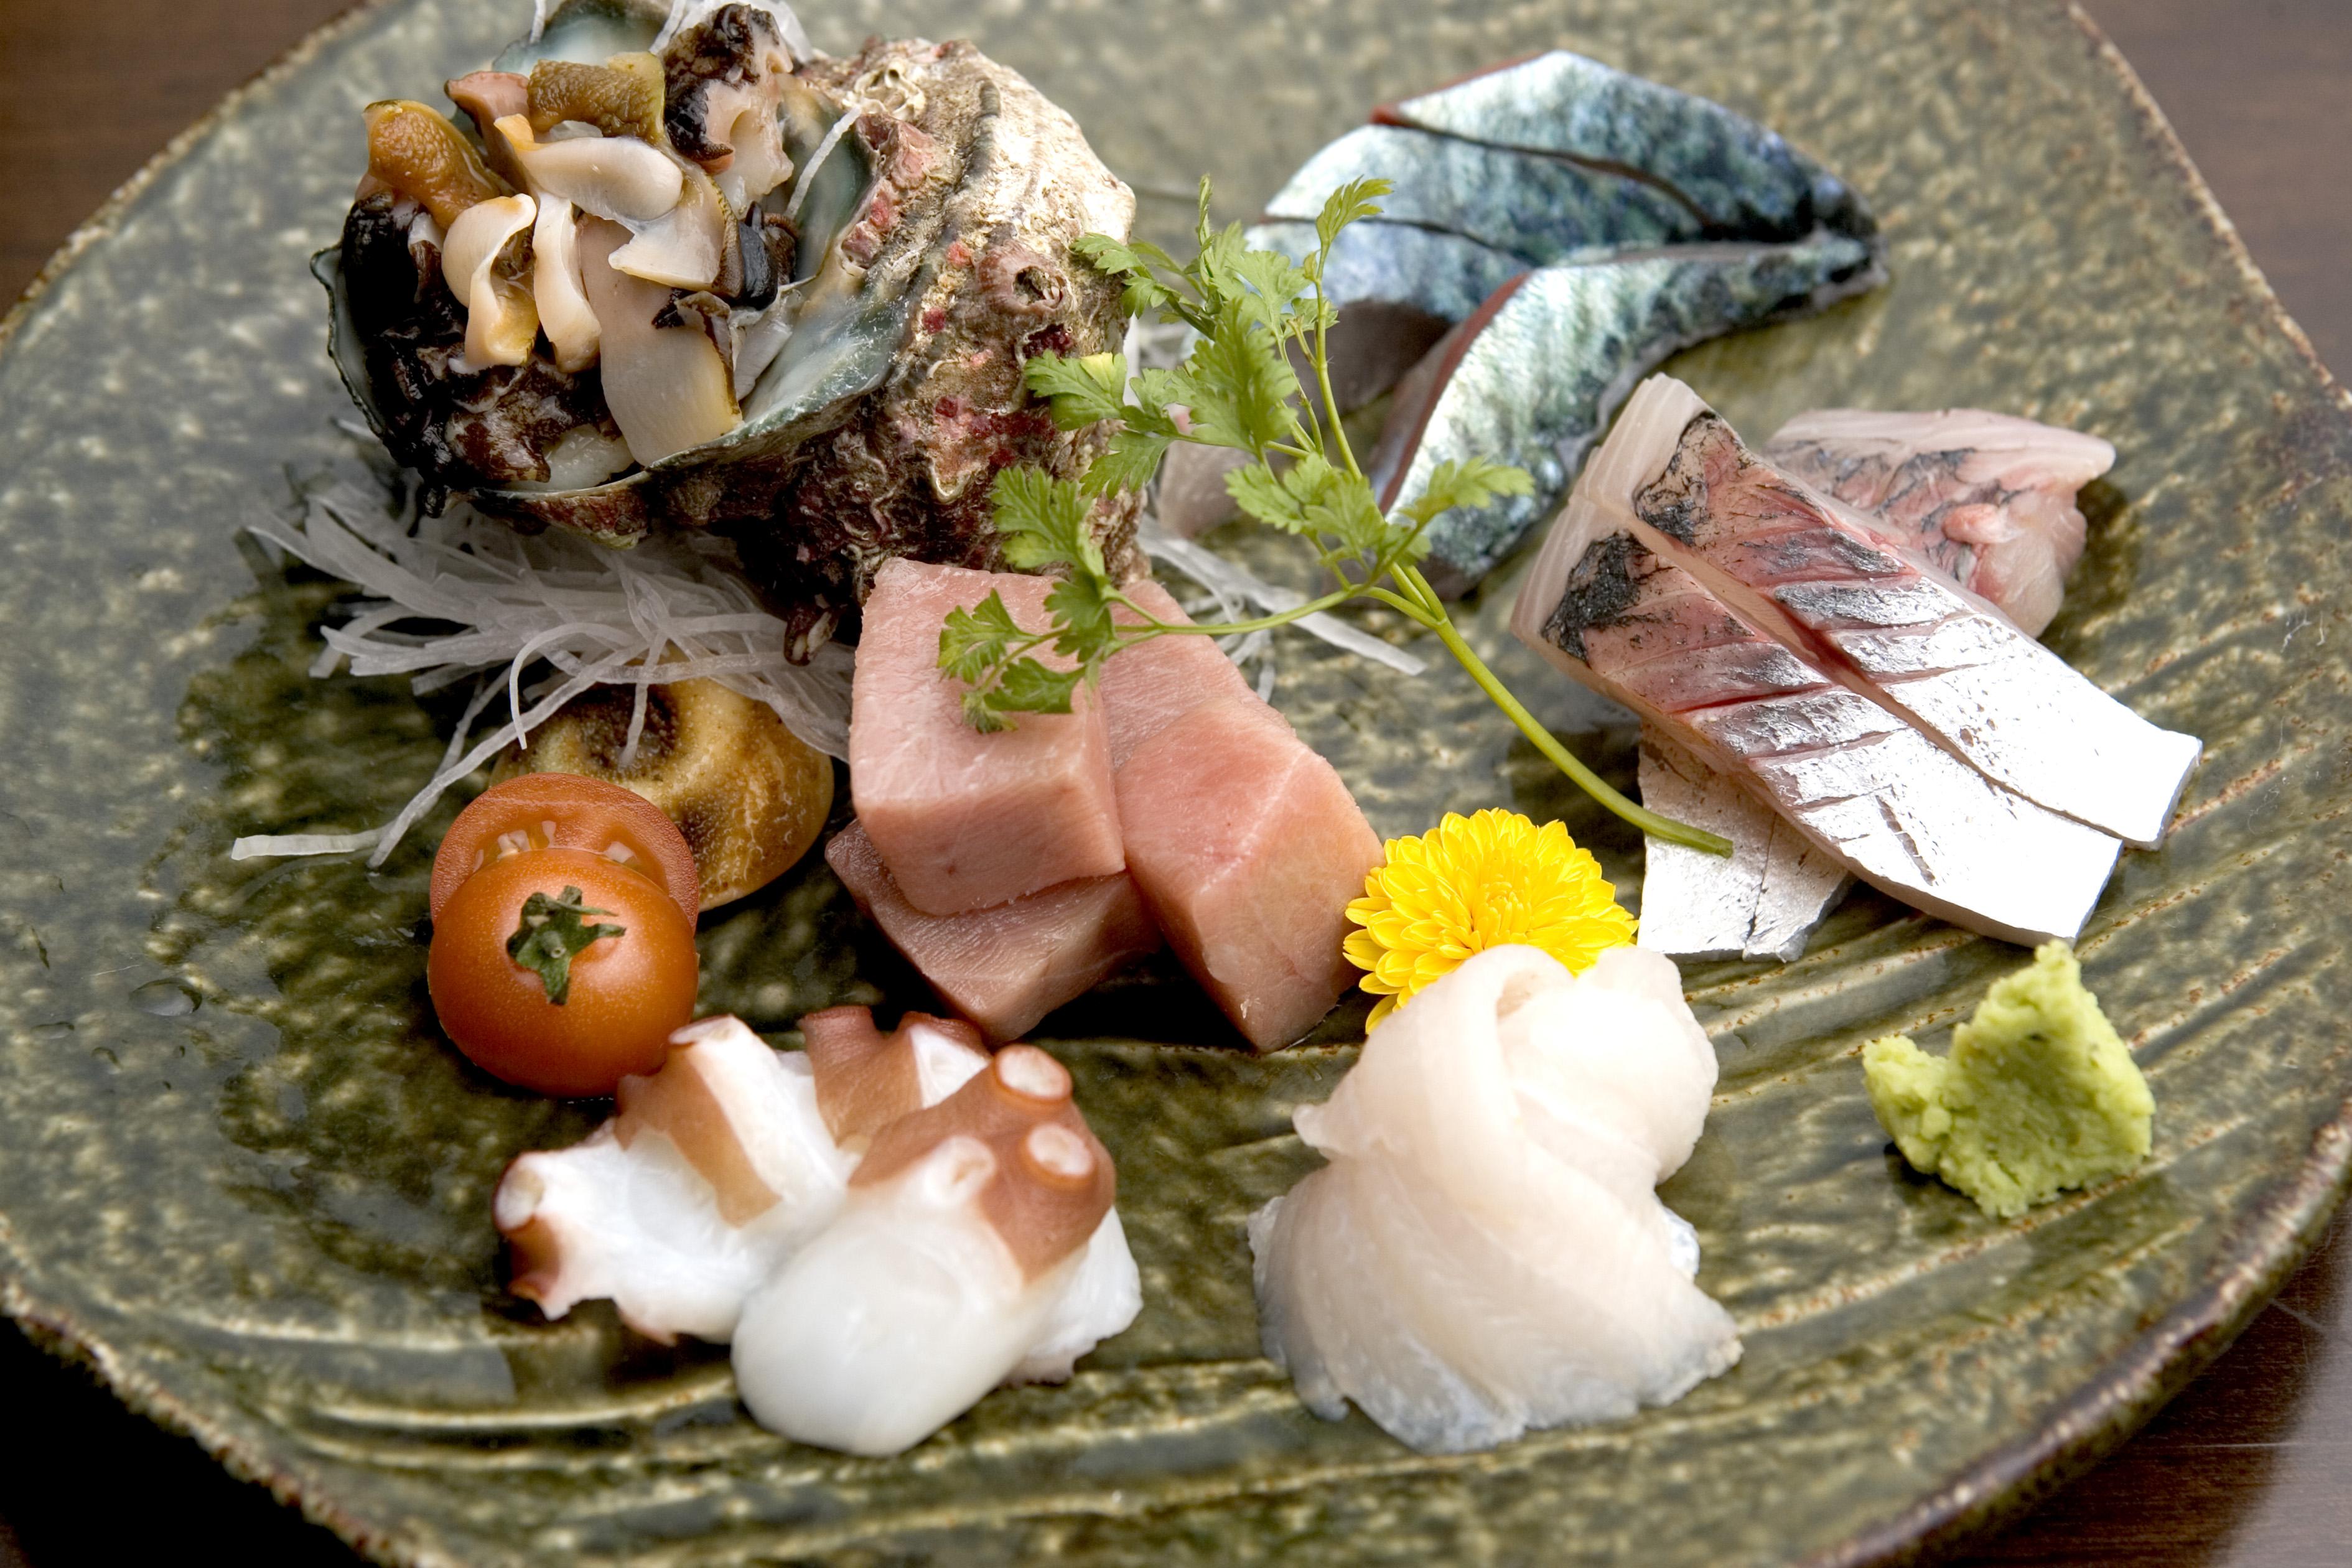 魚介類の盛り合わせ(2005)の画像